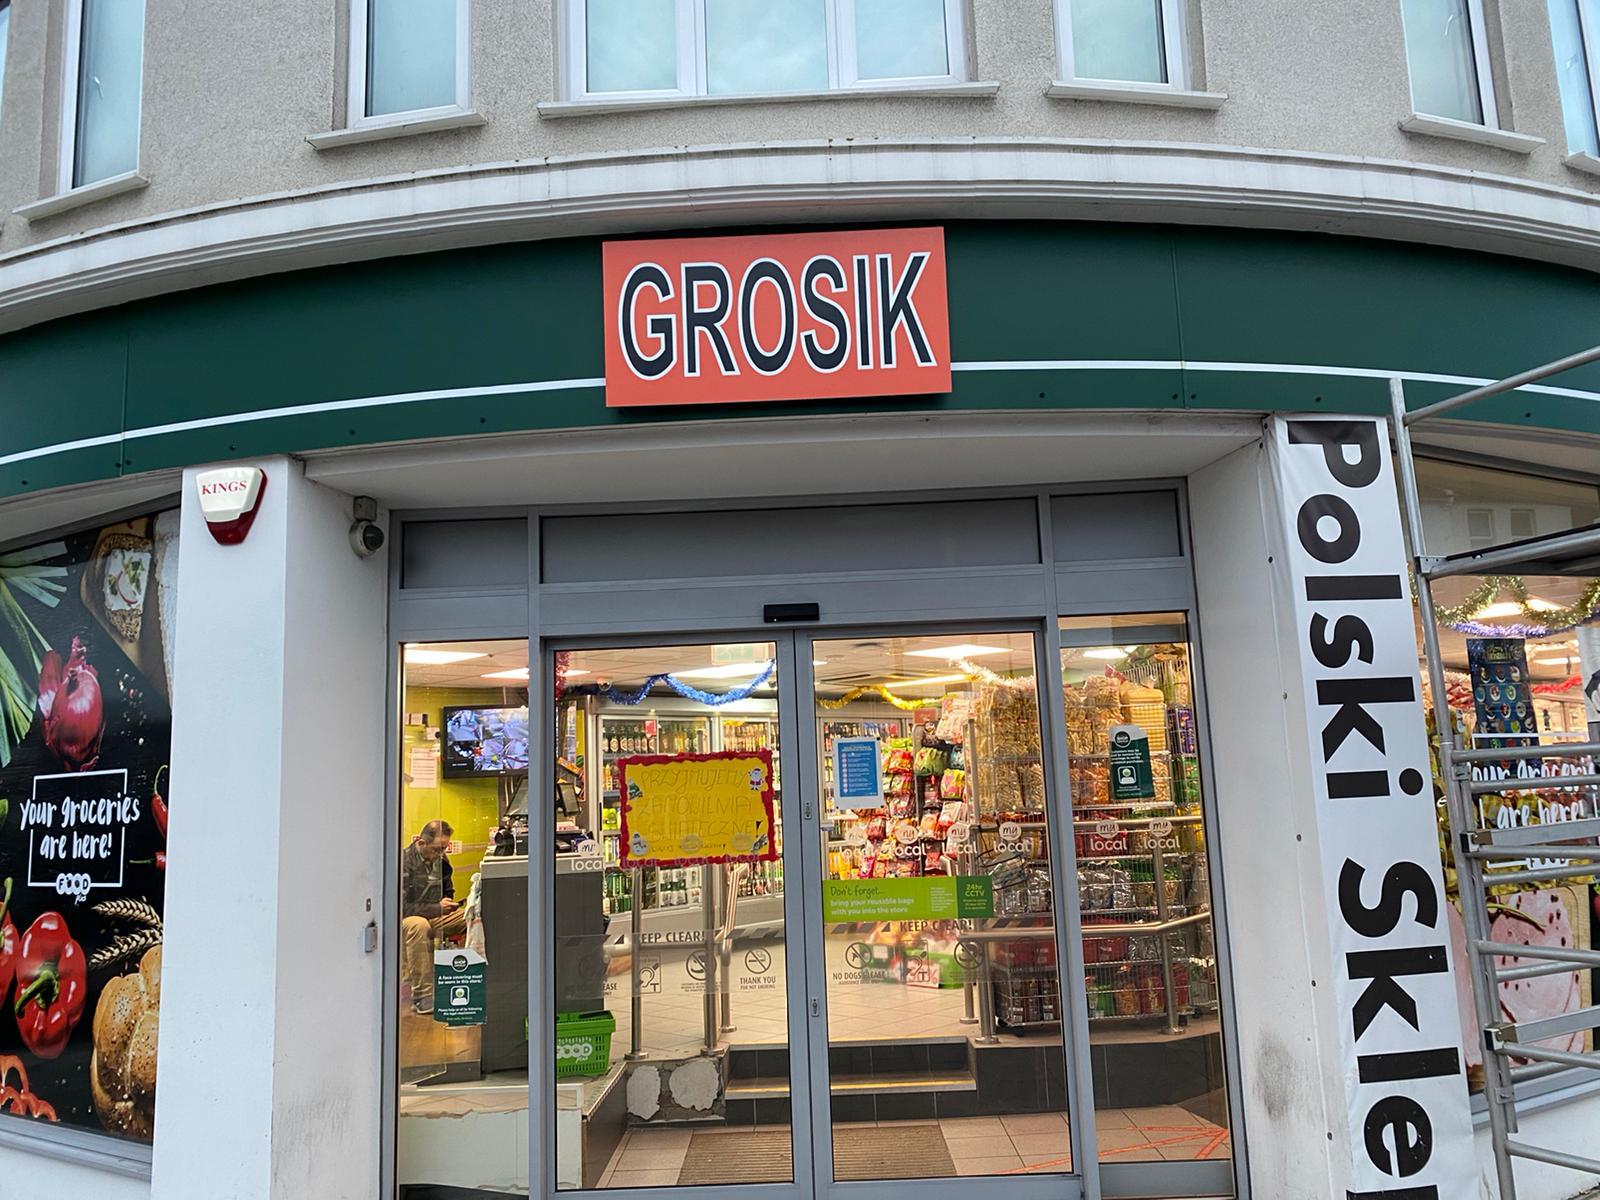 Grosik shop sign